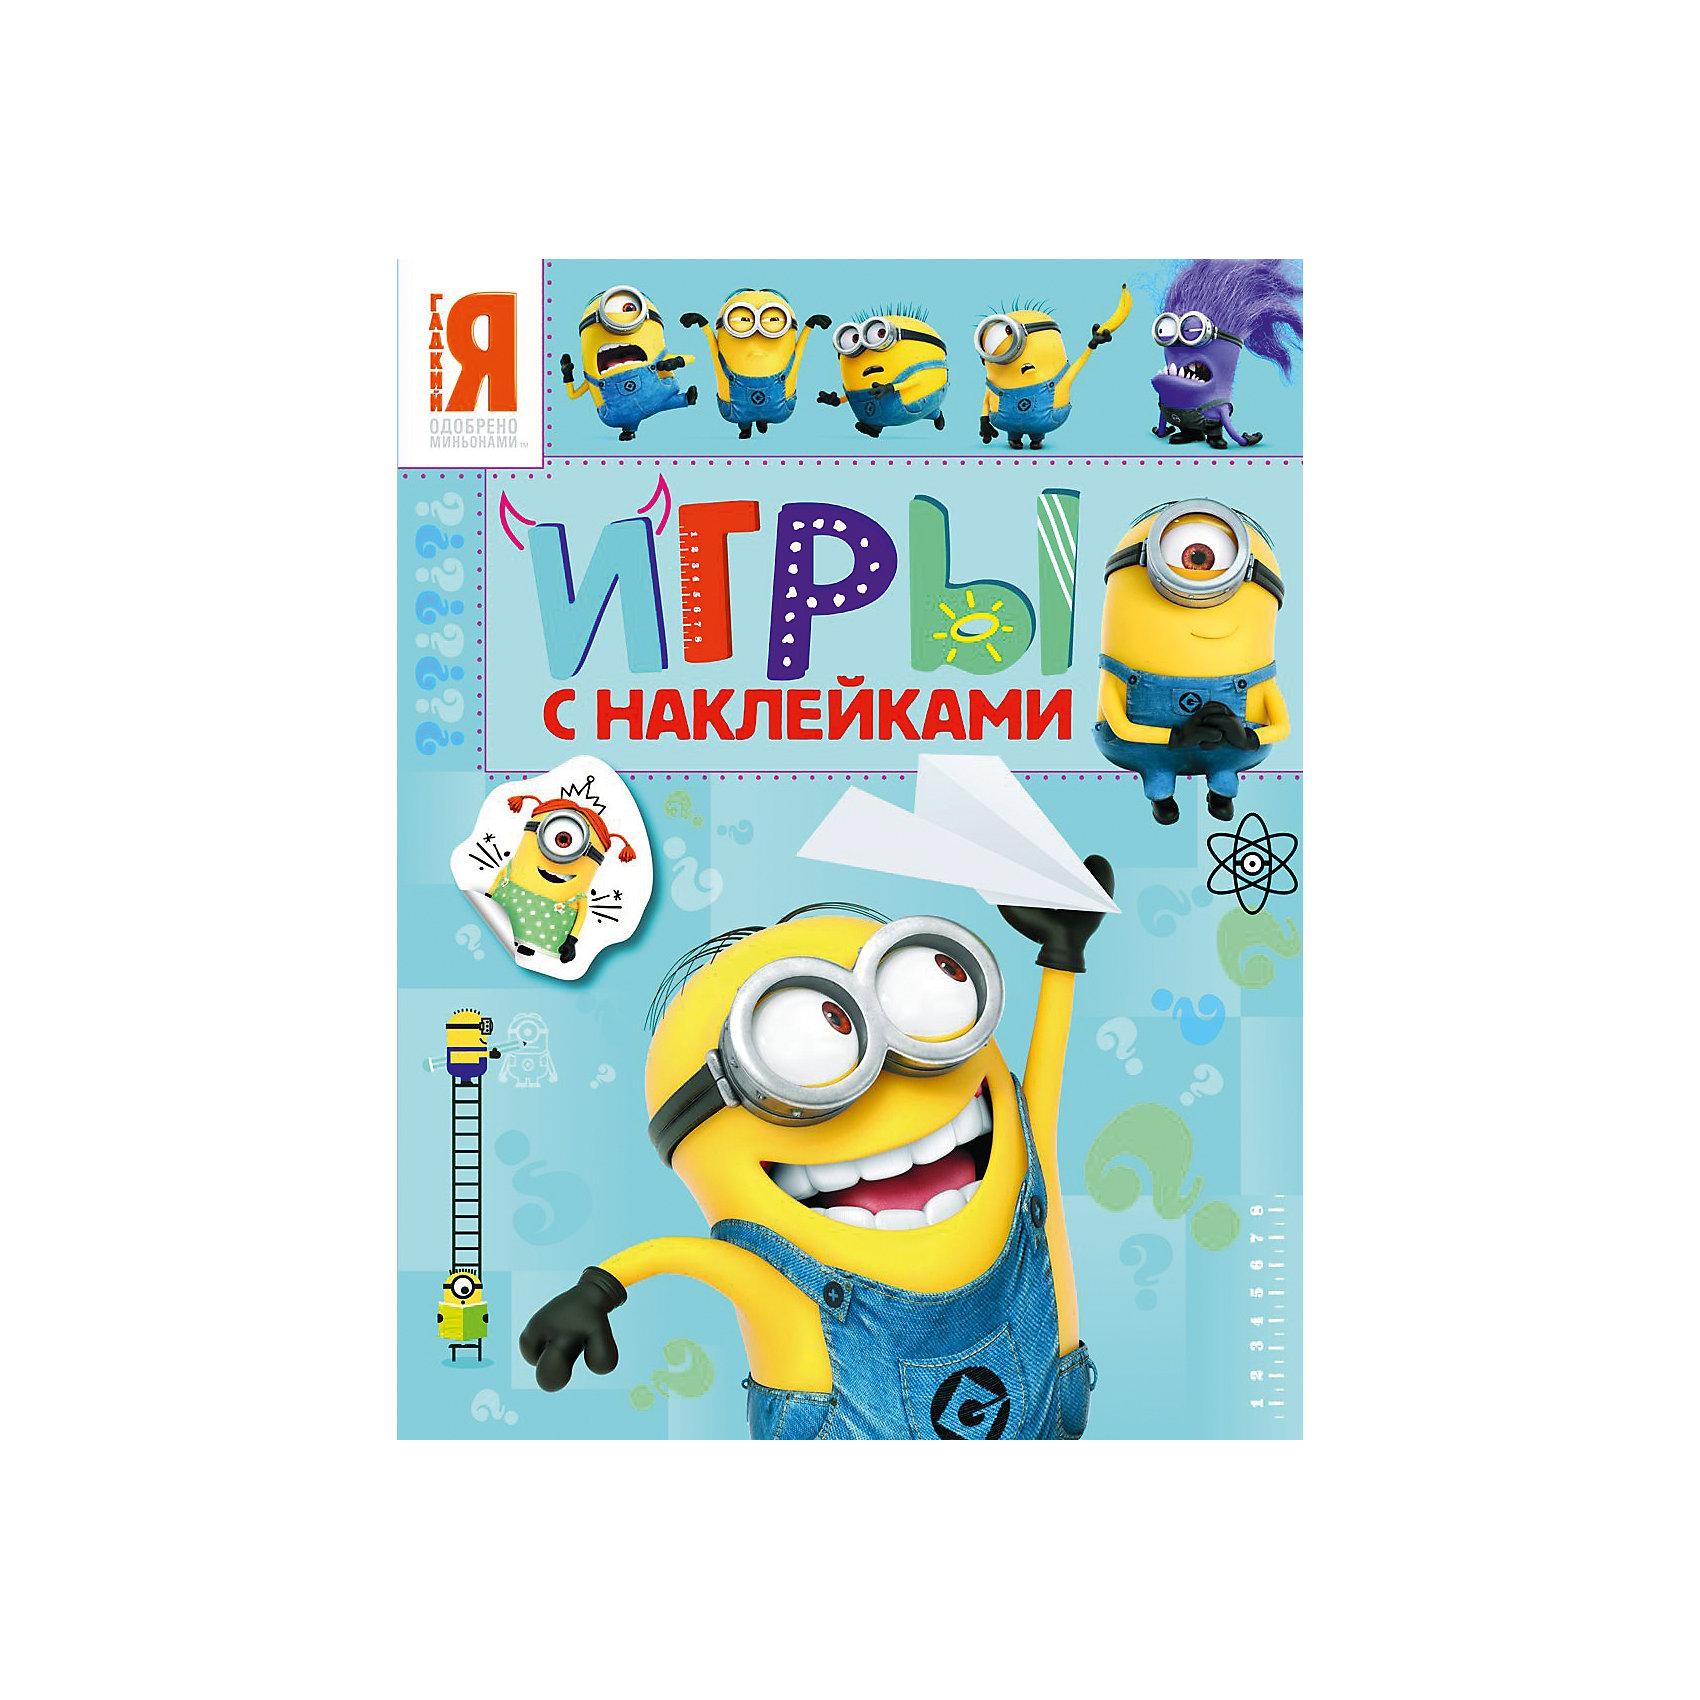 Игры с наклейками Миньоны (синяя)Творчество для малышей<br>Игры с наклейками Миньоны (синяя) - увлекательная книга с играми, которая надолго займет Вашего ребенка и не даст ему заскучать. На страницах издания он найдет множество интересных заданий, головоломок, кроссвордов и лабиринтов, главные герои которых - забавные миньоны из популярного мультфильма Гадкий Я (Despicable Me). Успешно справиться со всеми хитрыми заданиями помогут красочные наклейки. Приятным дополнением станут простые поделки и творческие задания: можно самостоятельно рисовать и раскрашивать смешных персонажей. <br><br>Дополнительная информация:<br><br>- Переплет: мягкая обложка.<br>- Иллюстрации: цветные.<br>- Объем: 16 стр. <br>- Размер: 27,5 x 21 x 0,3 см.<br>- Вес: 80 гр. <br><br>Книгу Игры с наклейками Миньоны (синяя), Росмэн, можно купить в нашем интернет-магазине.<br><br>Ширина мм: 275<br>Глубина мм: 210<br>Высота мм: 3<br>Вес г: 80<br>Возраст от месяцев: 36<br>Возраст до месяцев: 84<br>Пол: Унисекс<br>Возраст: Детский<br>SKU: 4408693